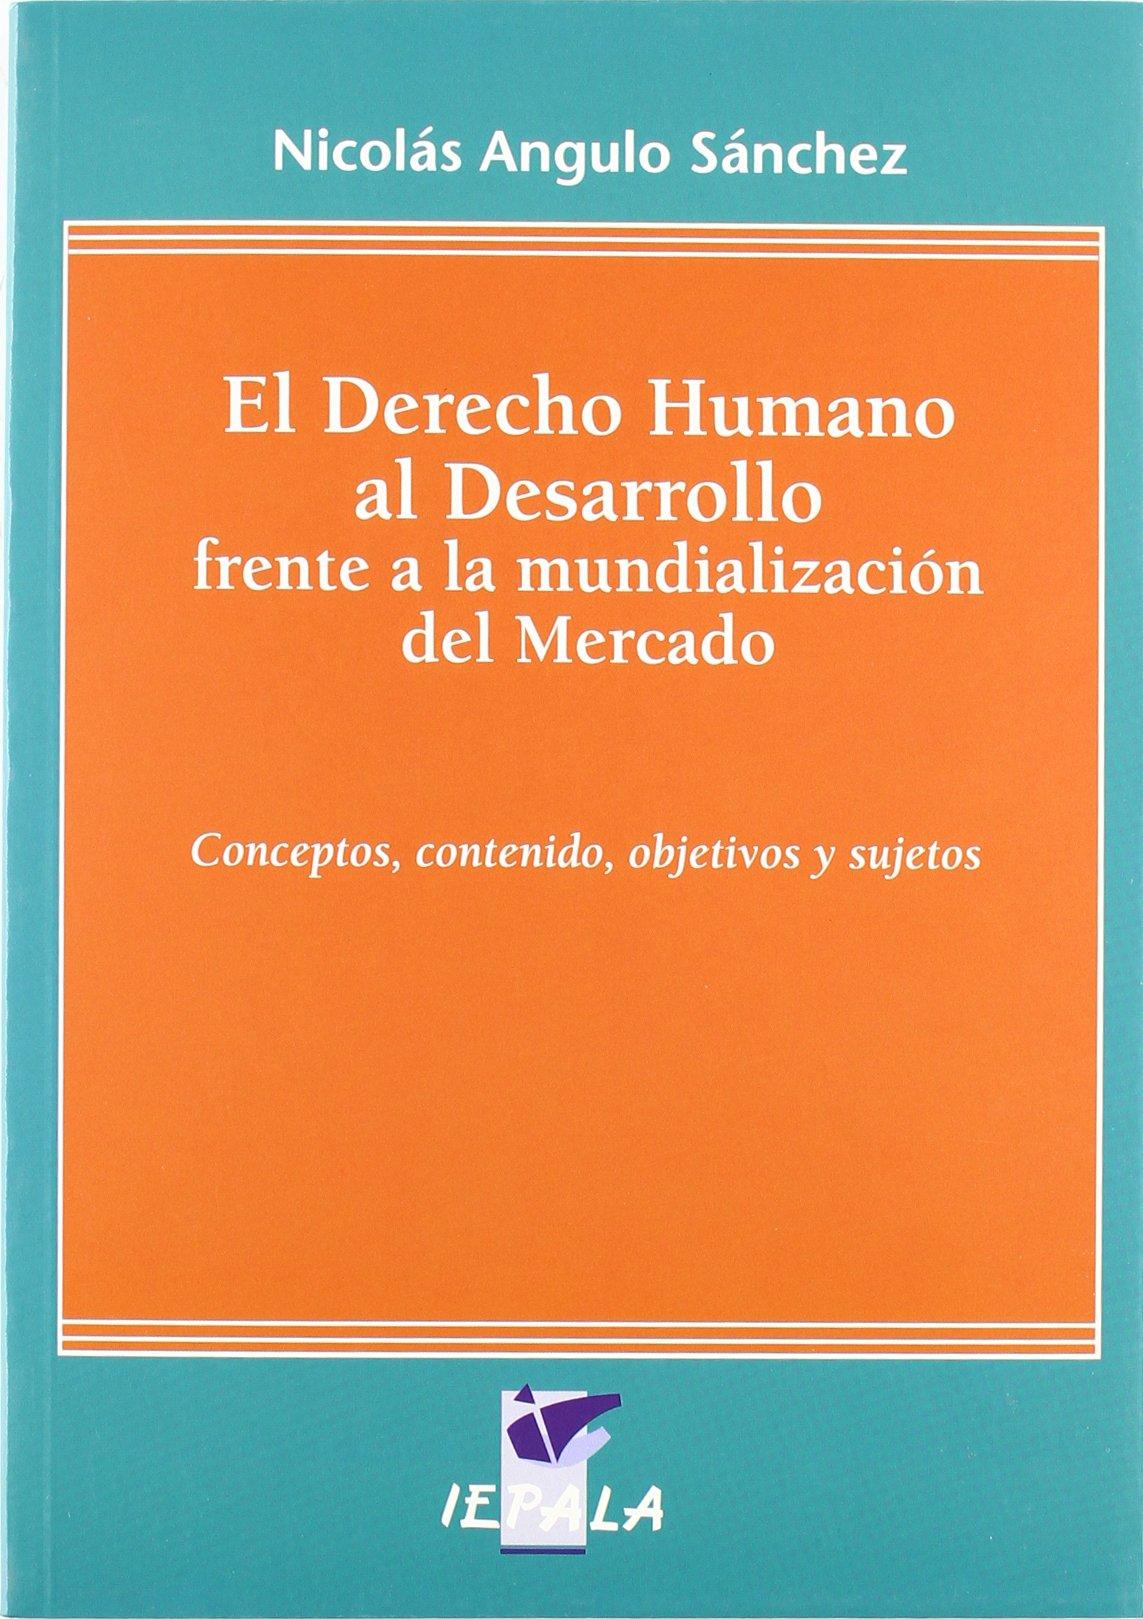 El derecho humano al desarrollo frente a la mundialización del mercado : concepto, contenido, objetivos y sujetos (Spanish) Paperback – May 1, 2005